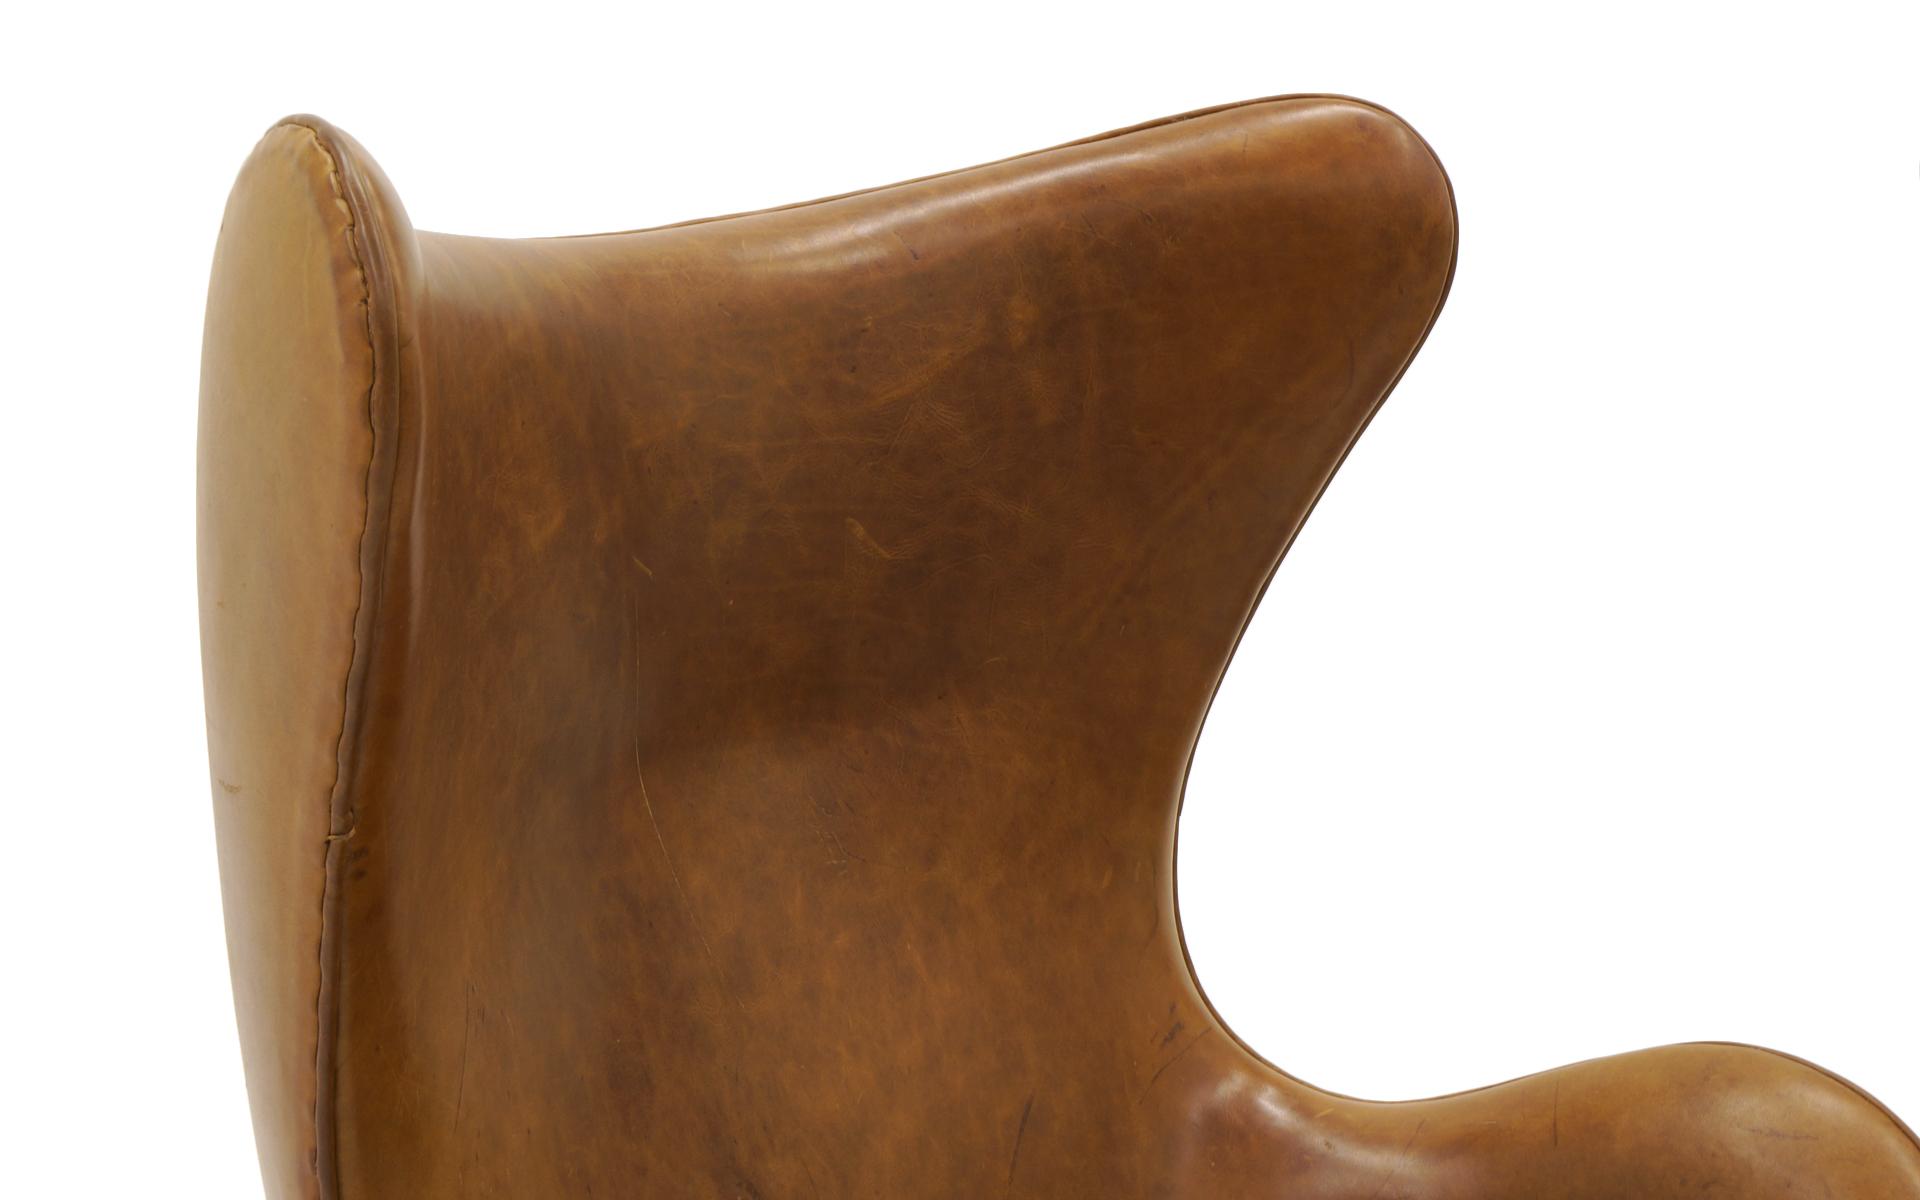 Egg Chair Arne Jacobsen Kopie.Pair Of Arne Jacobsen Egg Chairs With Ottomans For Fritz Hansen